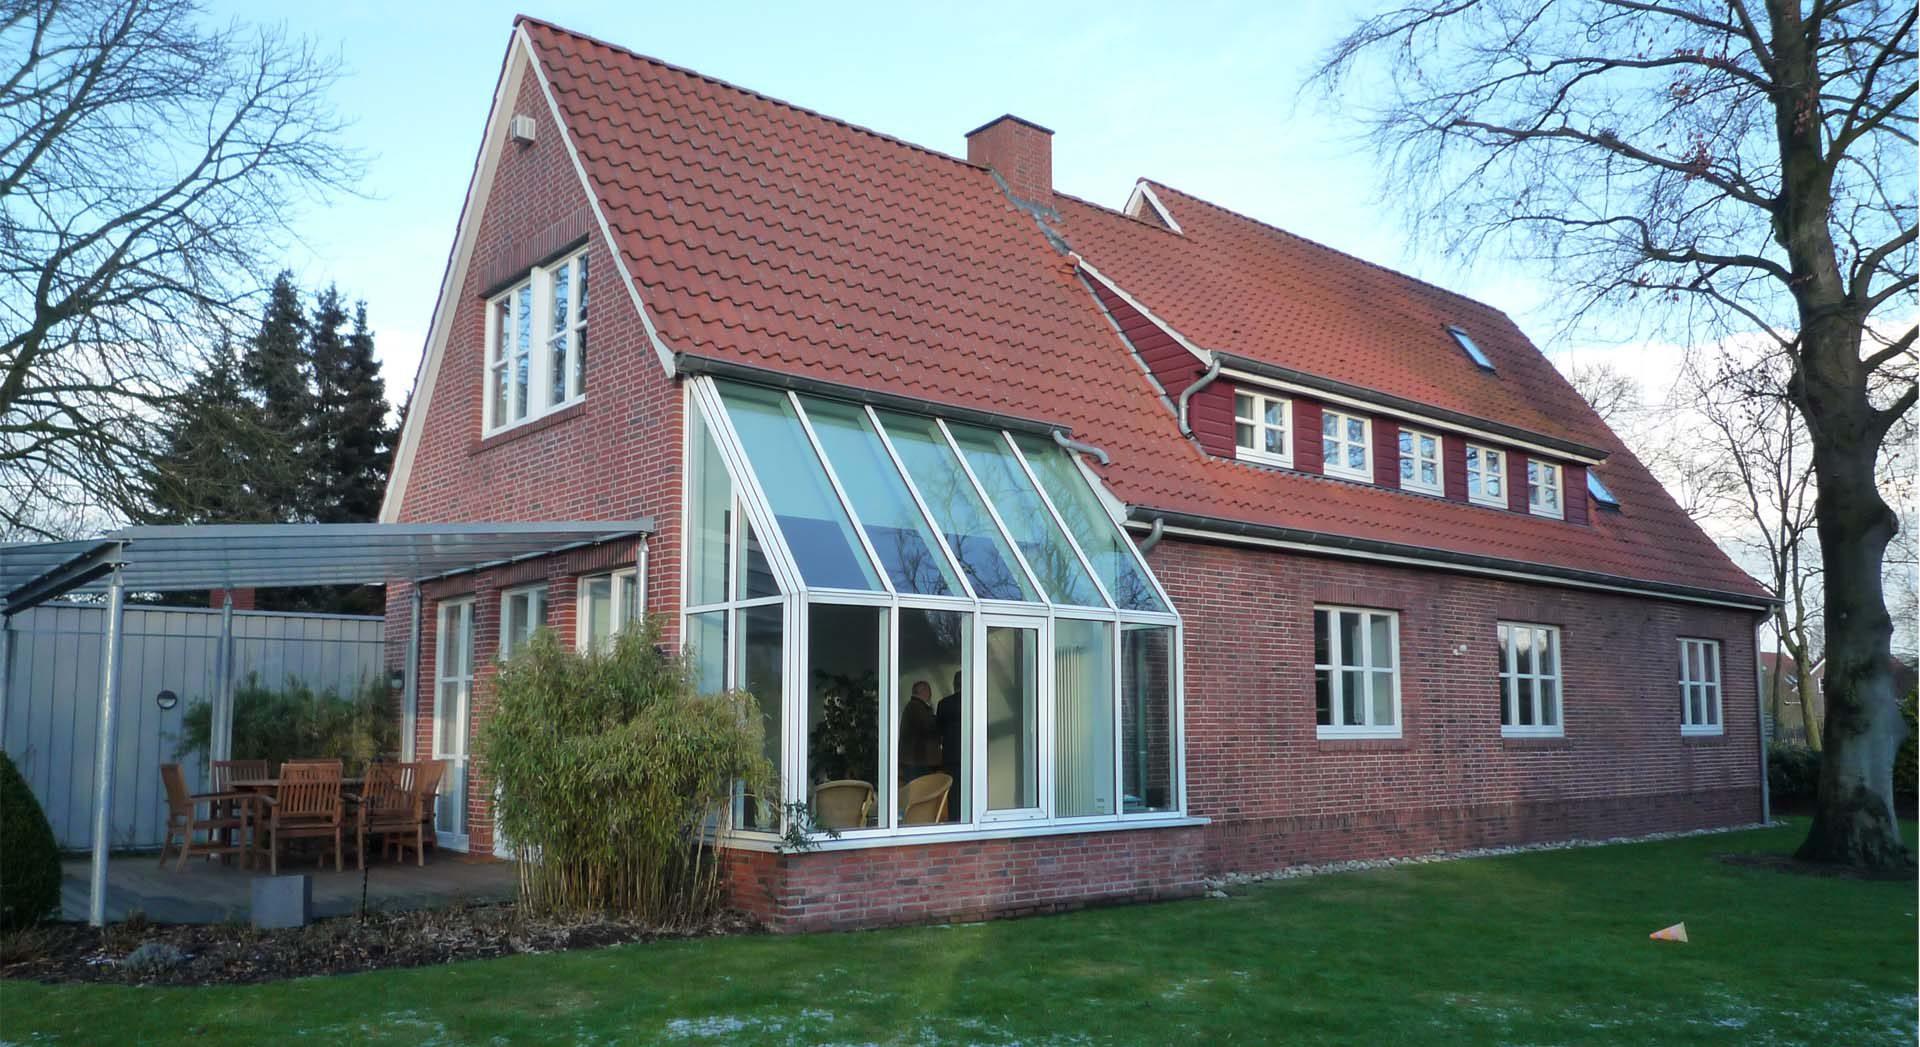 Einfamilienhaus; Architektur; Umbau; Wintergarten; Siedlungshaus;